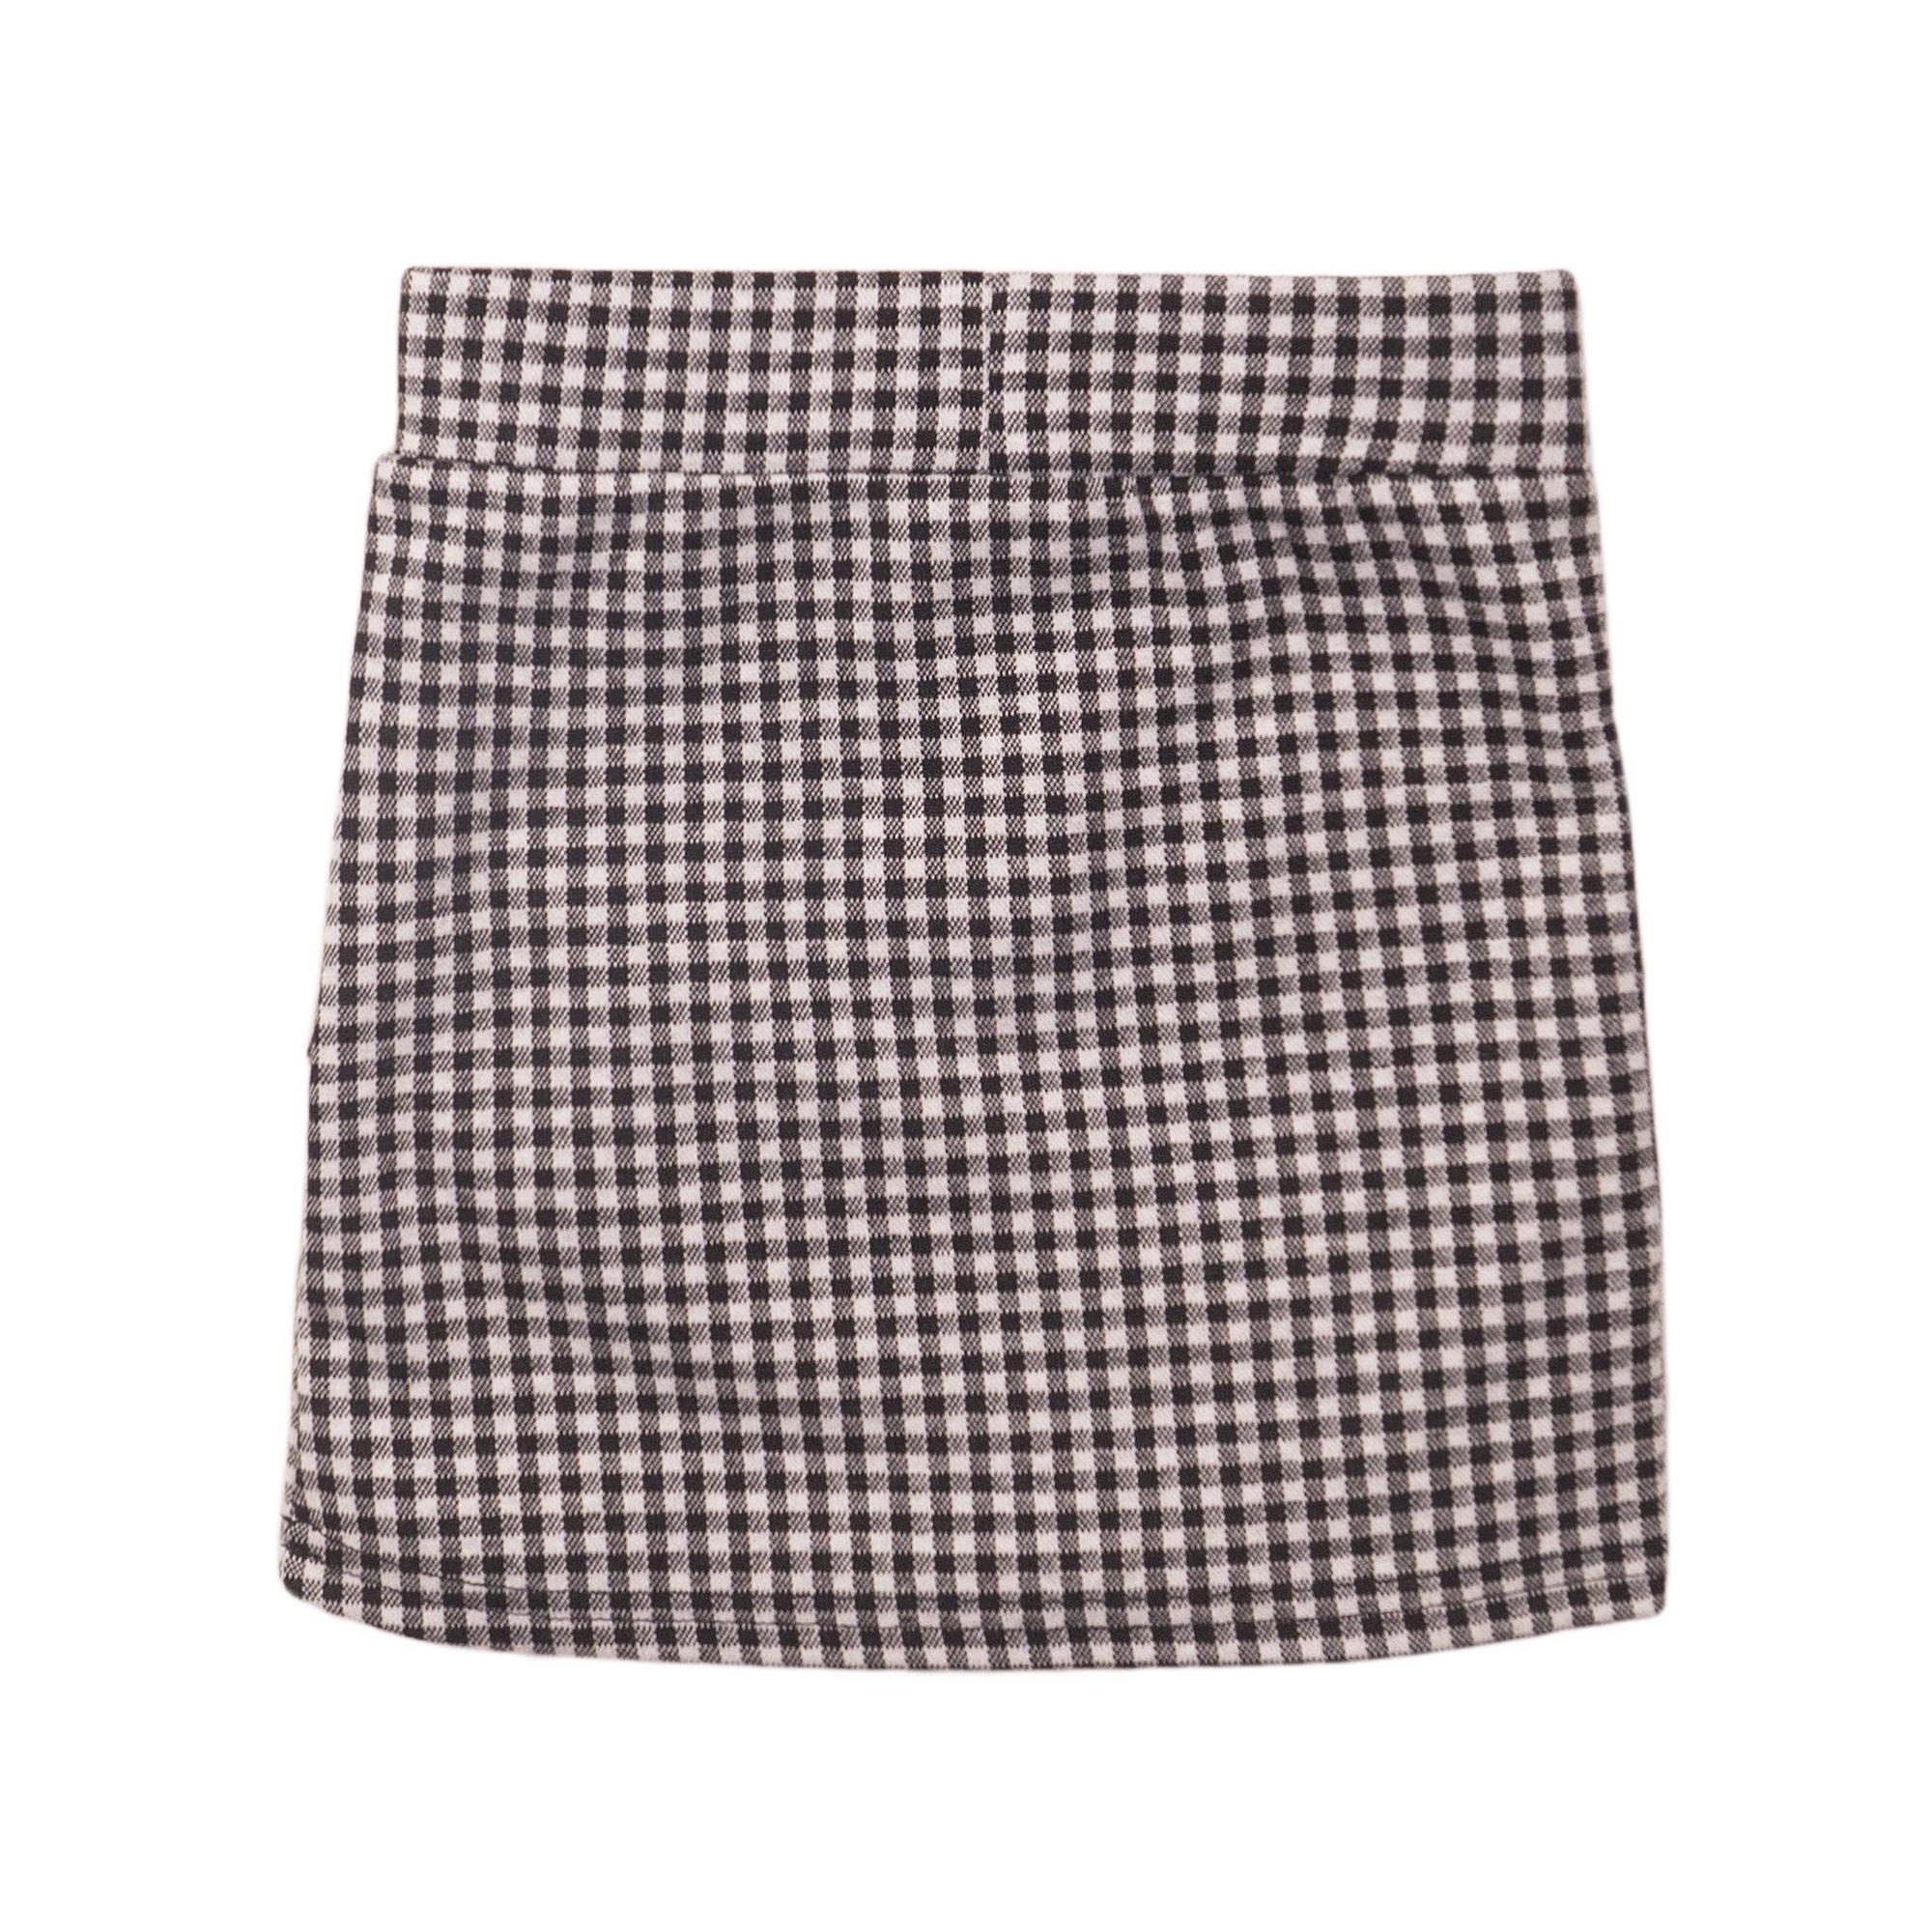 Checked Ruffle Skirt